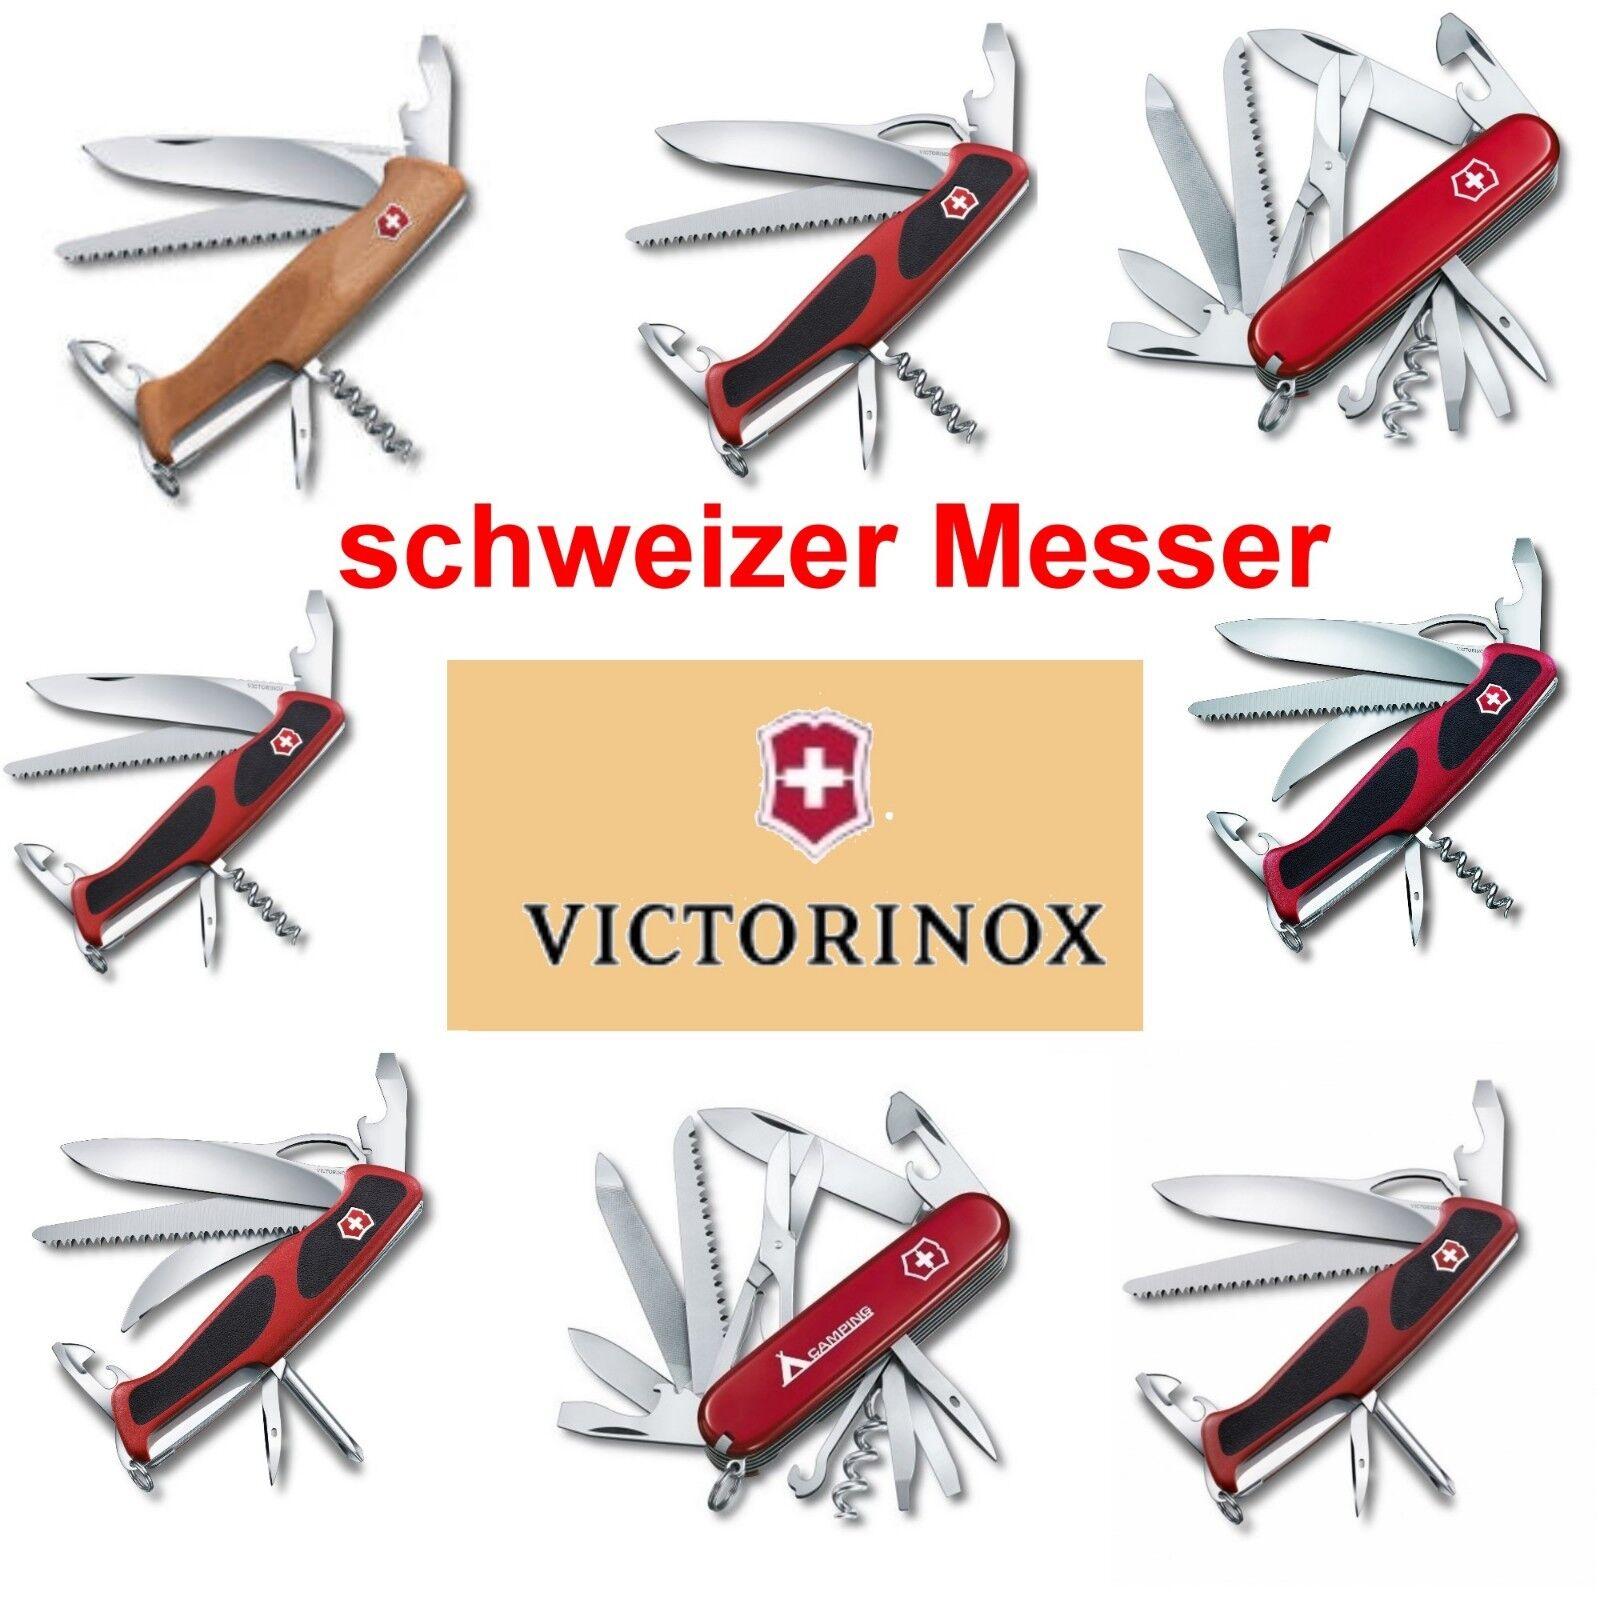 Victorinox Schweizer Schweizer Schweizer Taschenmesser Offizier Angler Messer Suvival Outdoor Ranger a9d3f5